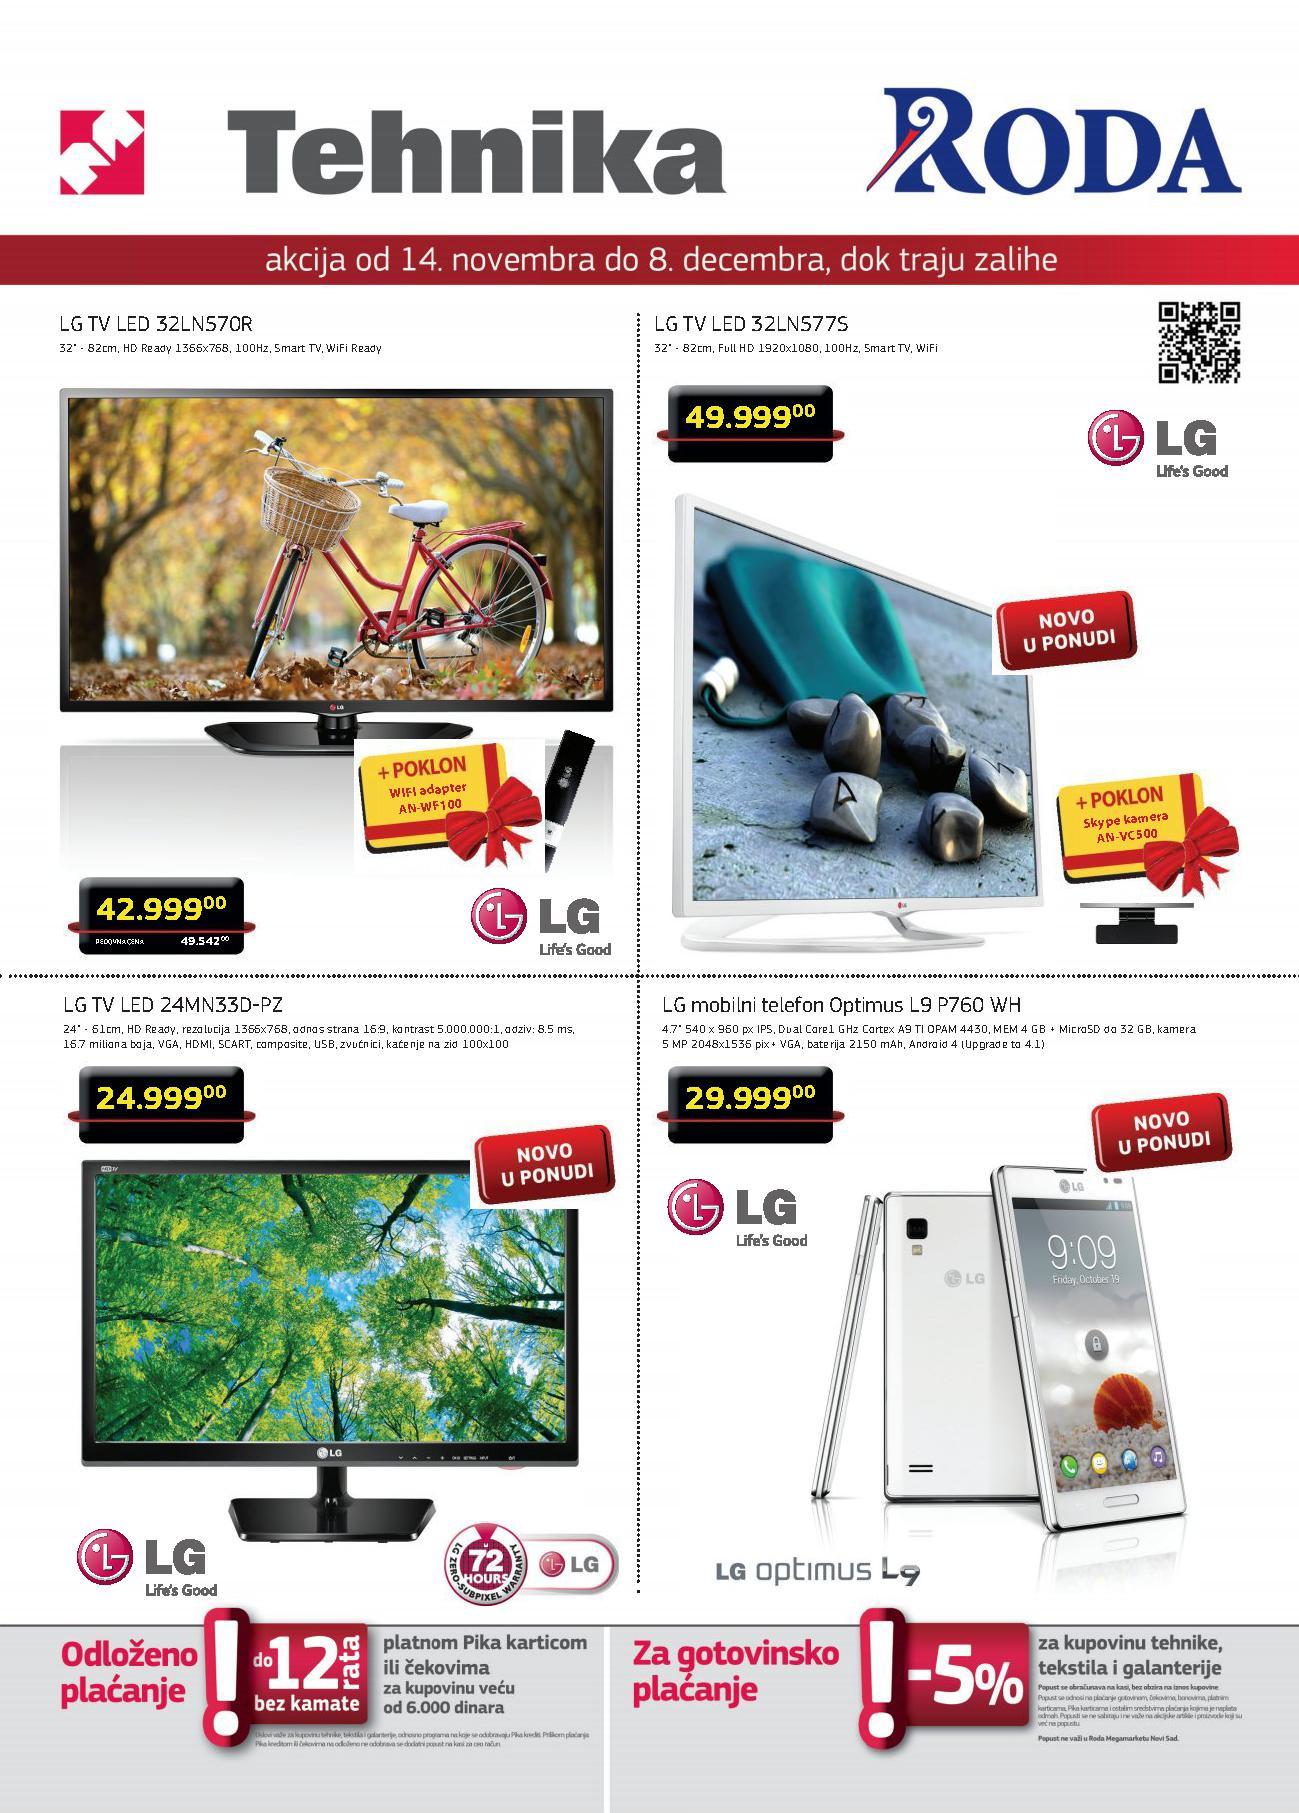 Roda akcija LG proizvodi po super ceni